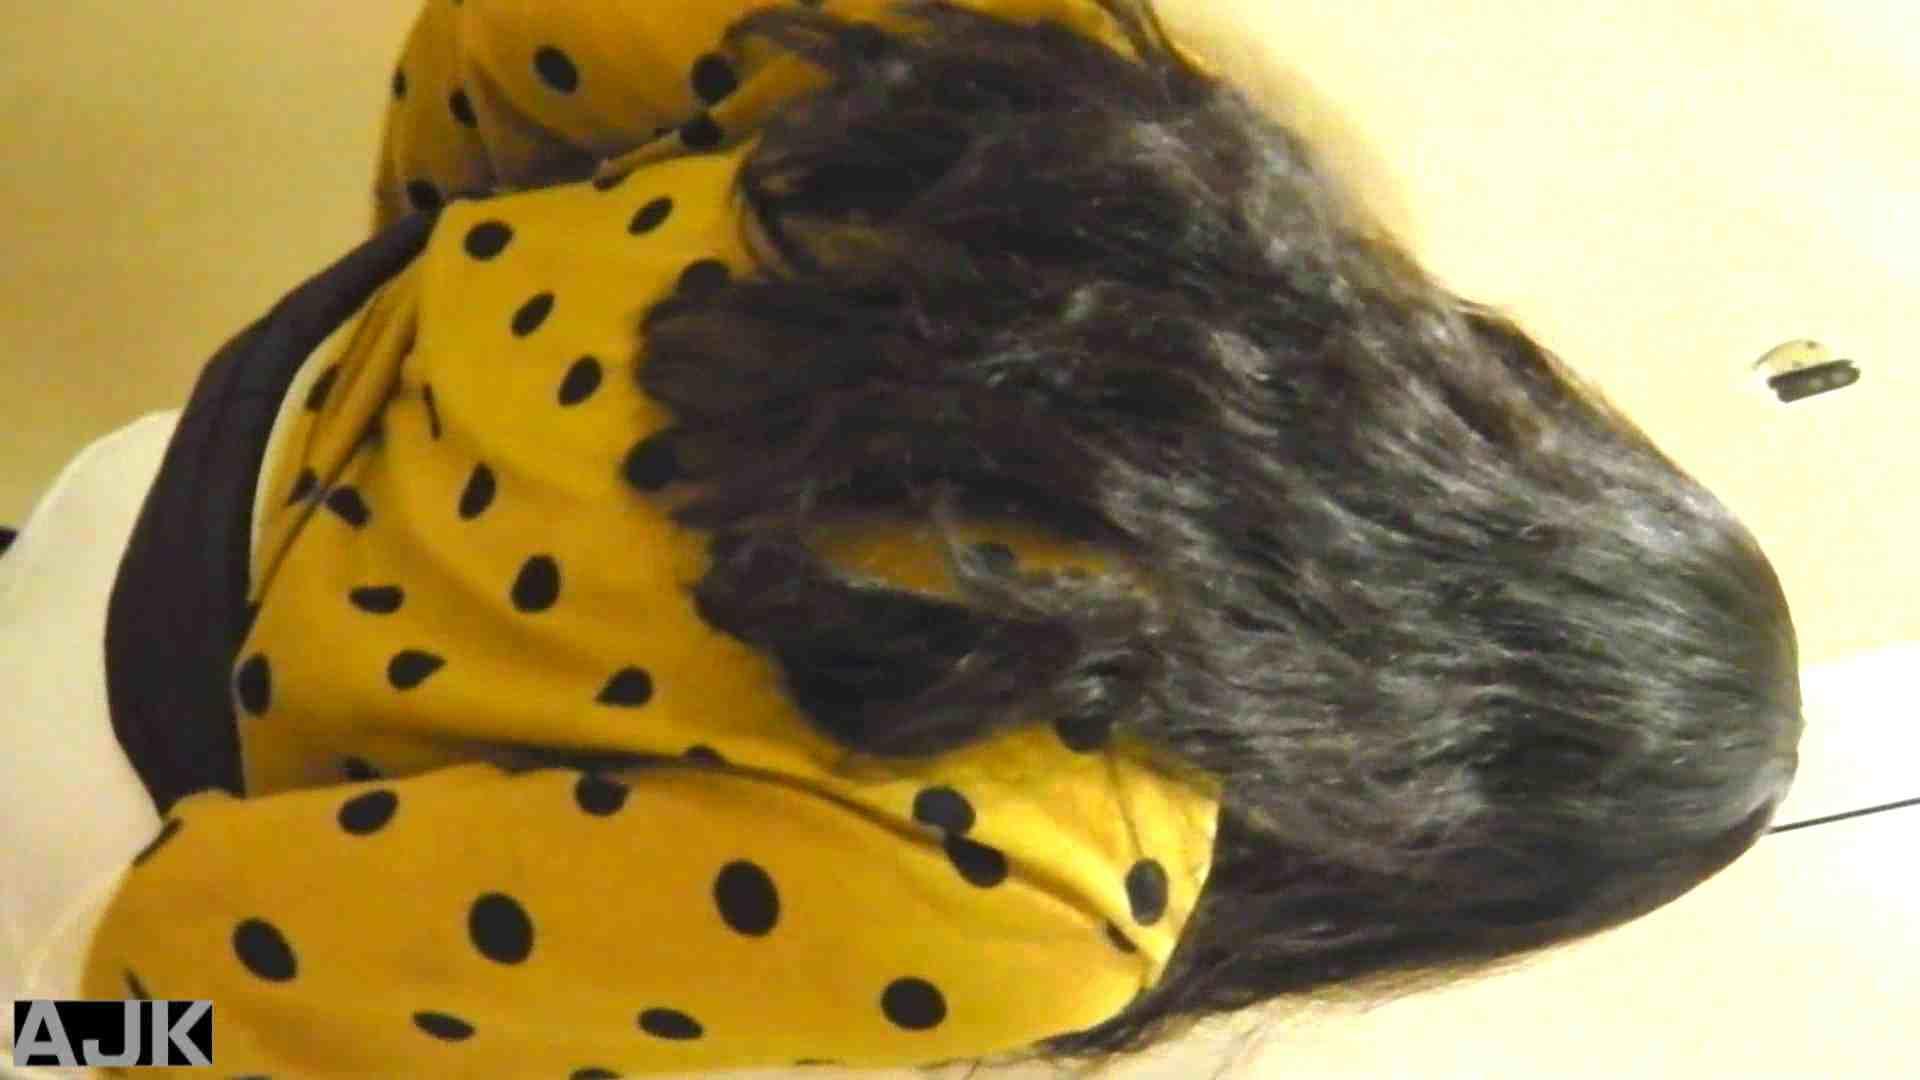 神降臨!史上最強の潜入かわや! vol.01 美女丸裸 オメコ無修正動画無料 106pic 19